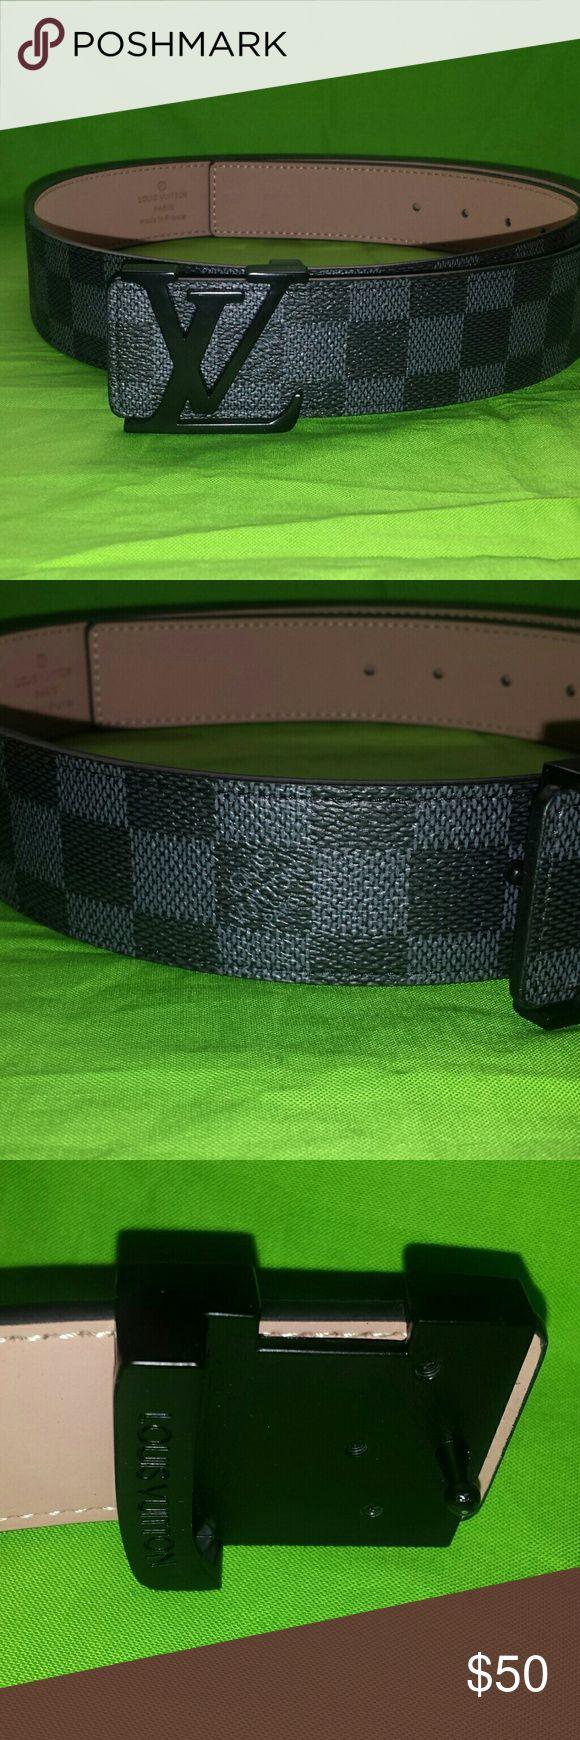 Louis Vuitton belt Mens Black Louis Vuitton belt  Size 32-36 Louis Vuitton Accessories Belts